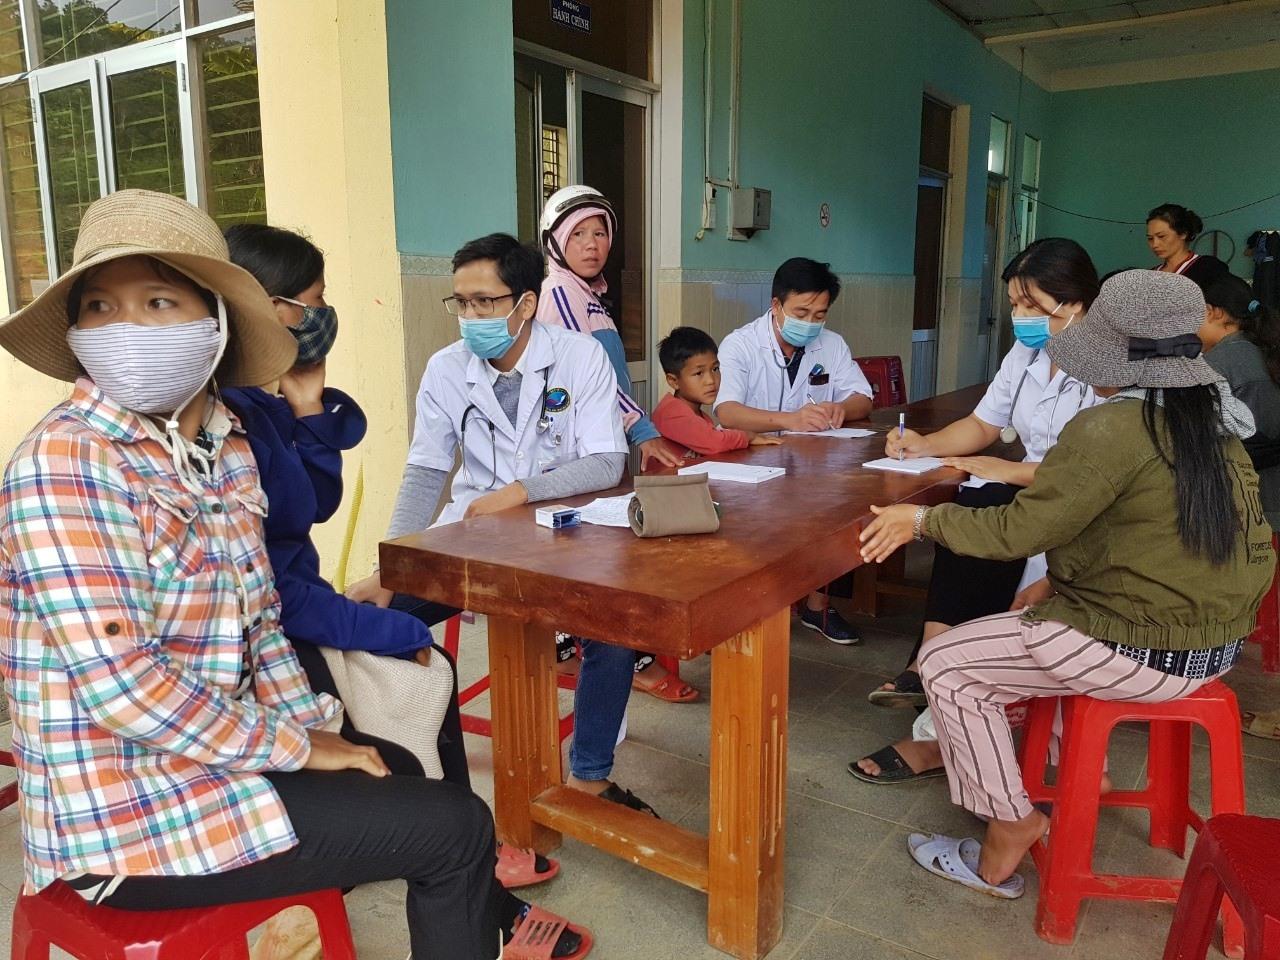 Hơn 300 bà con xã Phước Thành được khám bệnh và cấp phát thuốc miễn phí. Ảnh: Đ.HÙNG